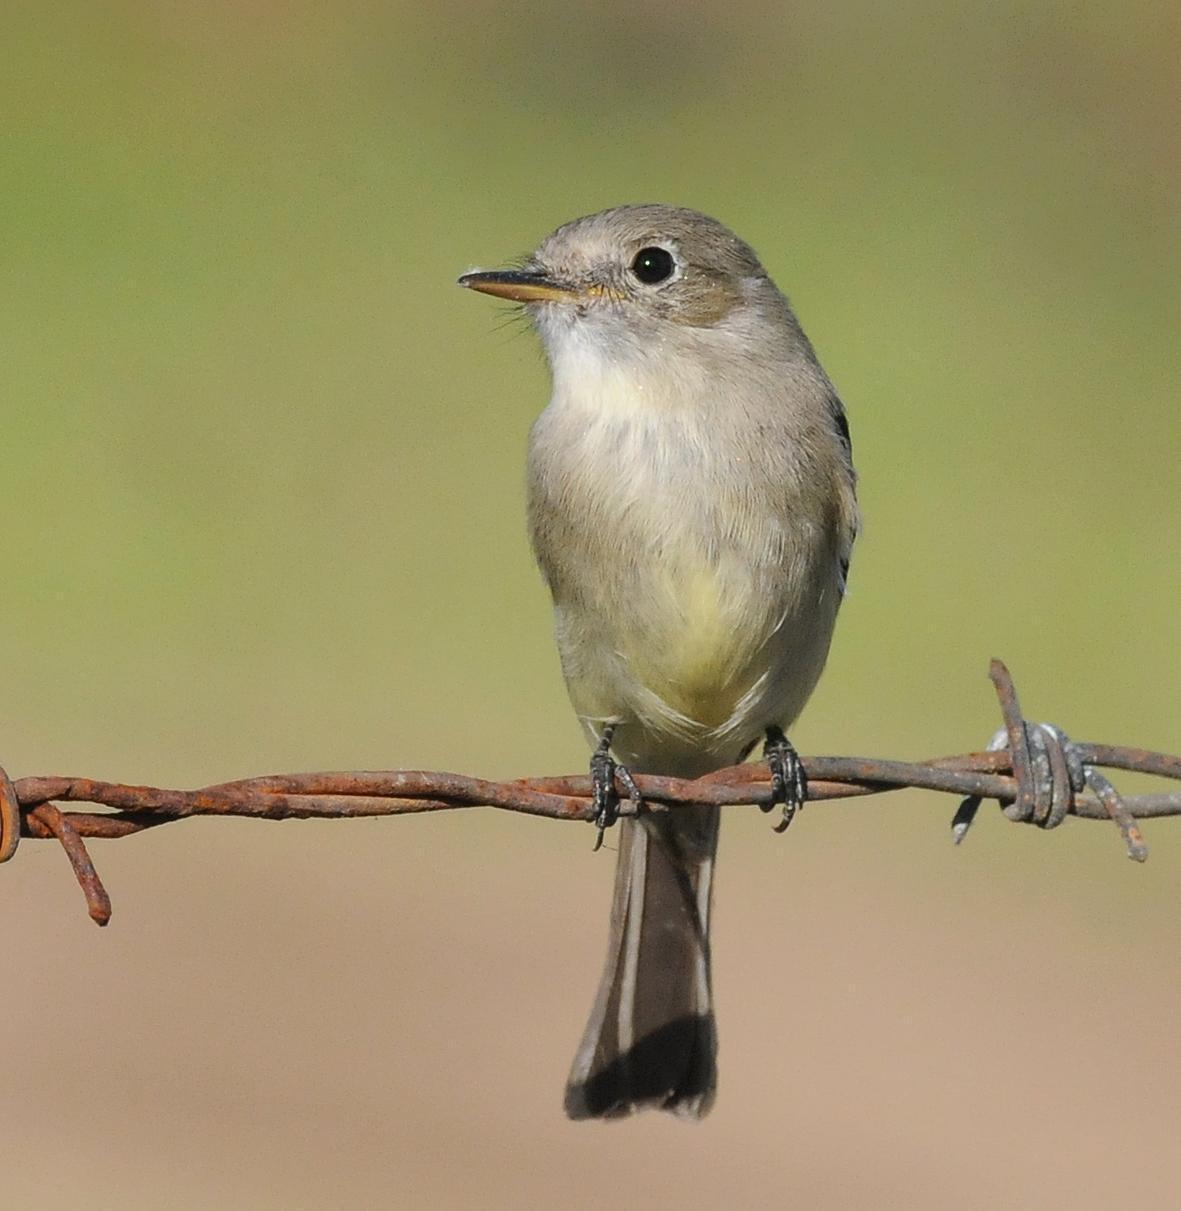 Gray Flycatcher Photo by Steven Mlodinow